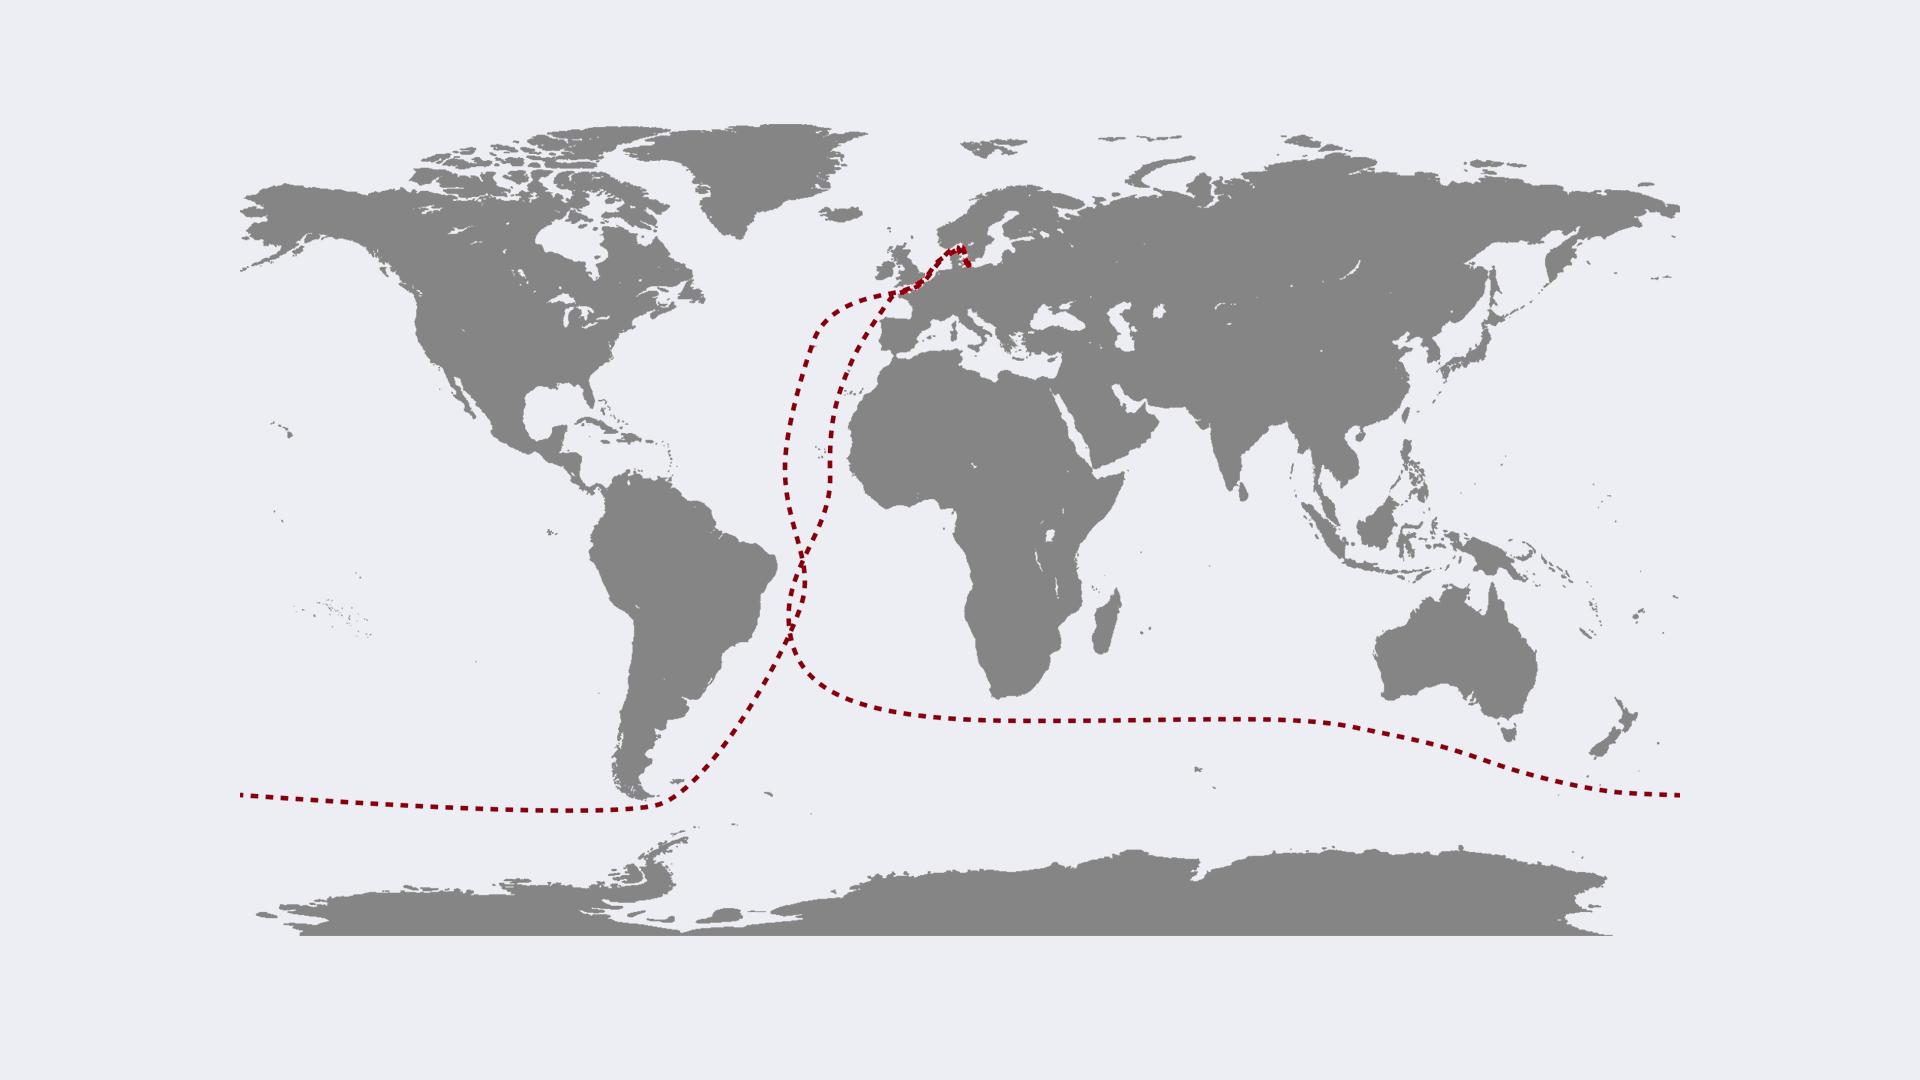 Plan rejsu zakłada m.in. podróż przez cieśninę Sund, Kanał La Manche w stronę Kapsztadu, Australii, Nowej Zelandii przez Przylądek Horn i z powrotem do Gdyni, fot. facebook.com/solononstop2019/